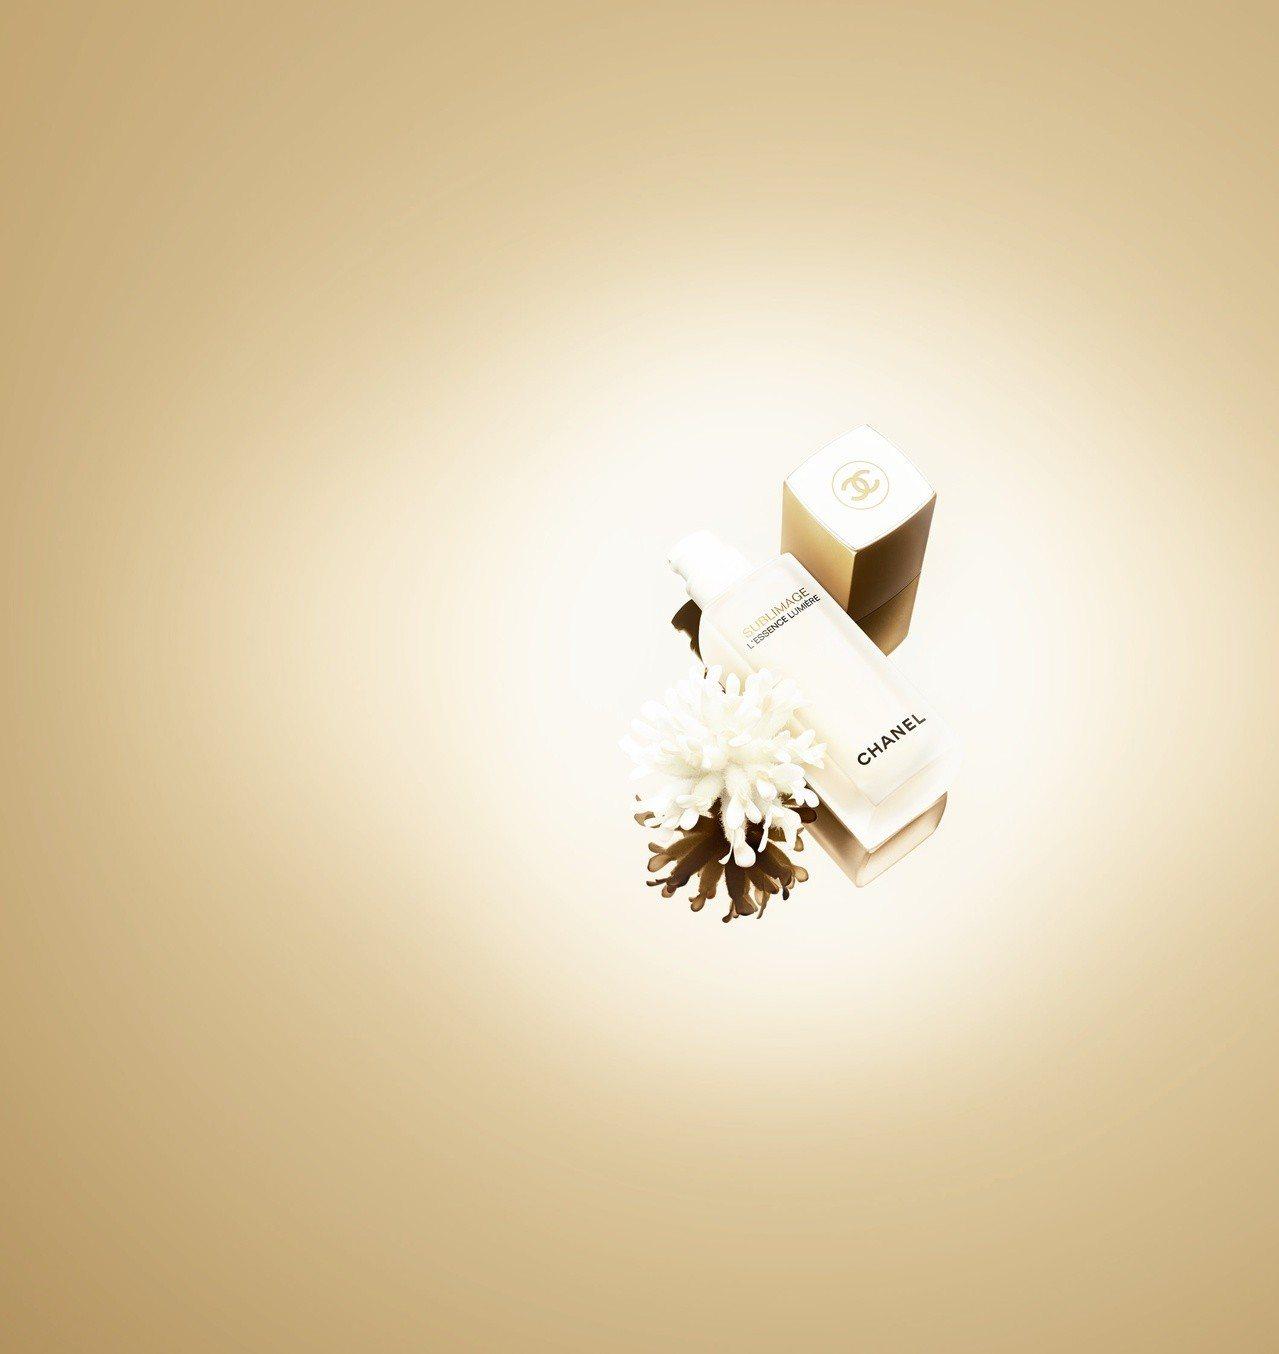 香奈兒奢華金燦煥白精萃,內含珍貴植物長生雪絨花,40ml售價16,800元。圖/...